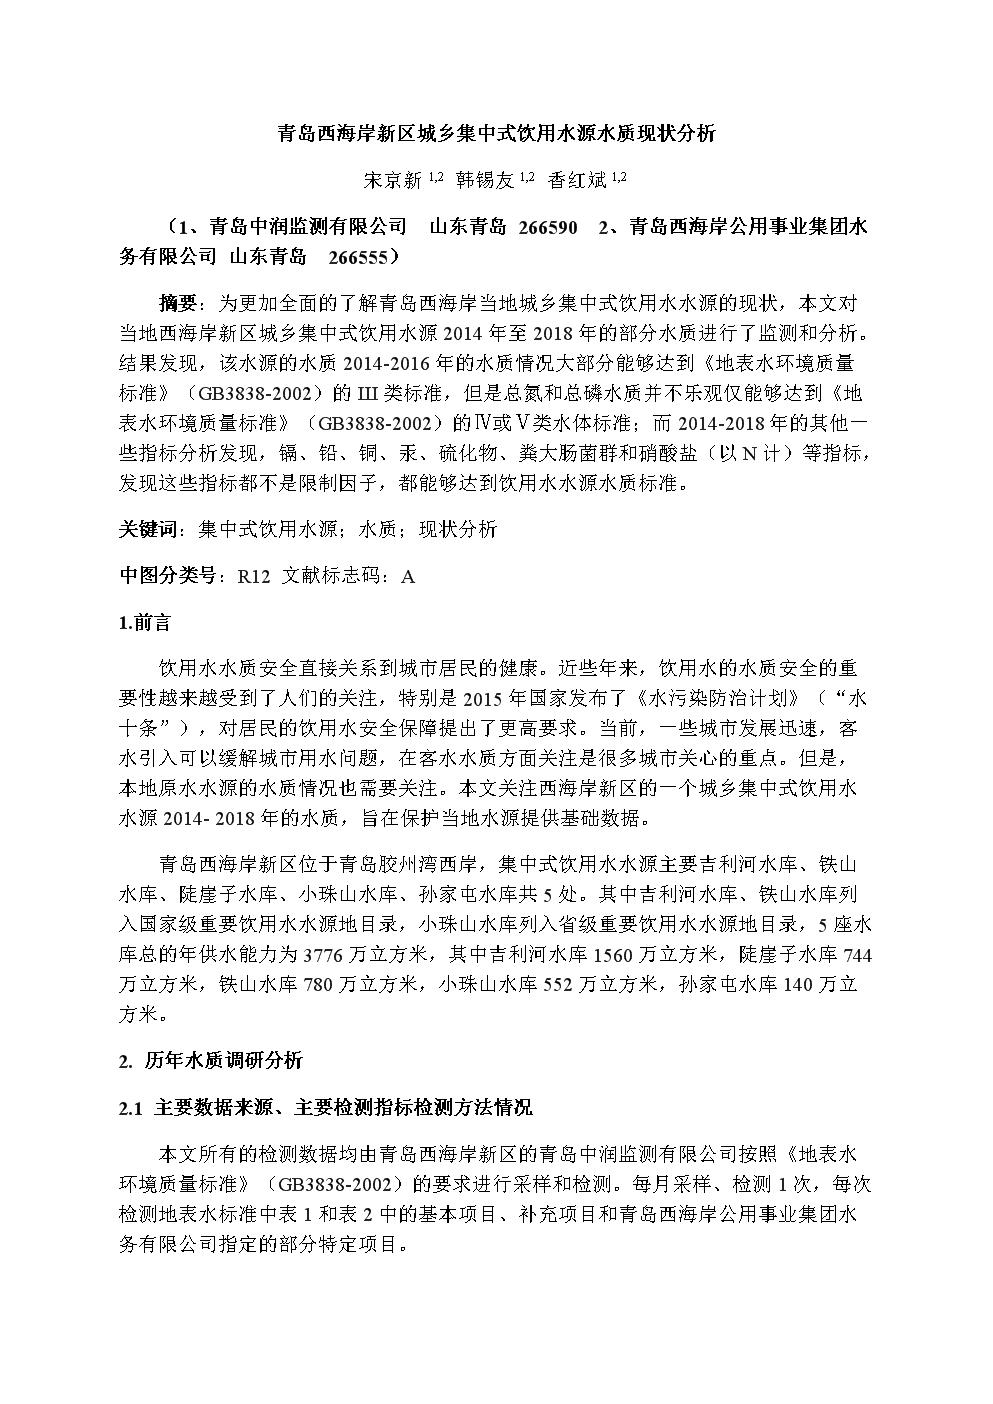 青岛西海岸新区城乡集中式饮用水源水质现状分析.docx